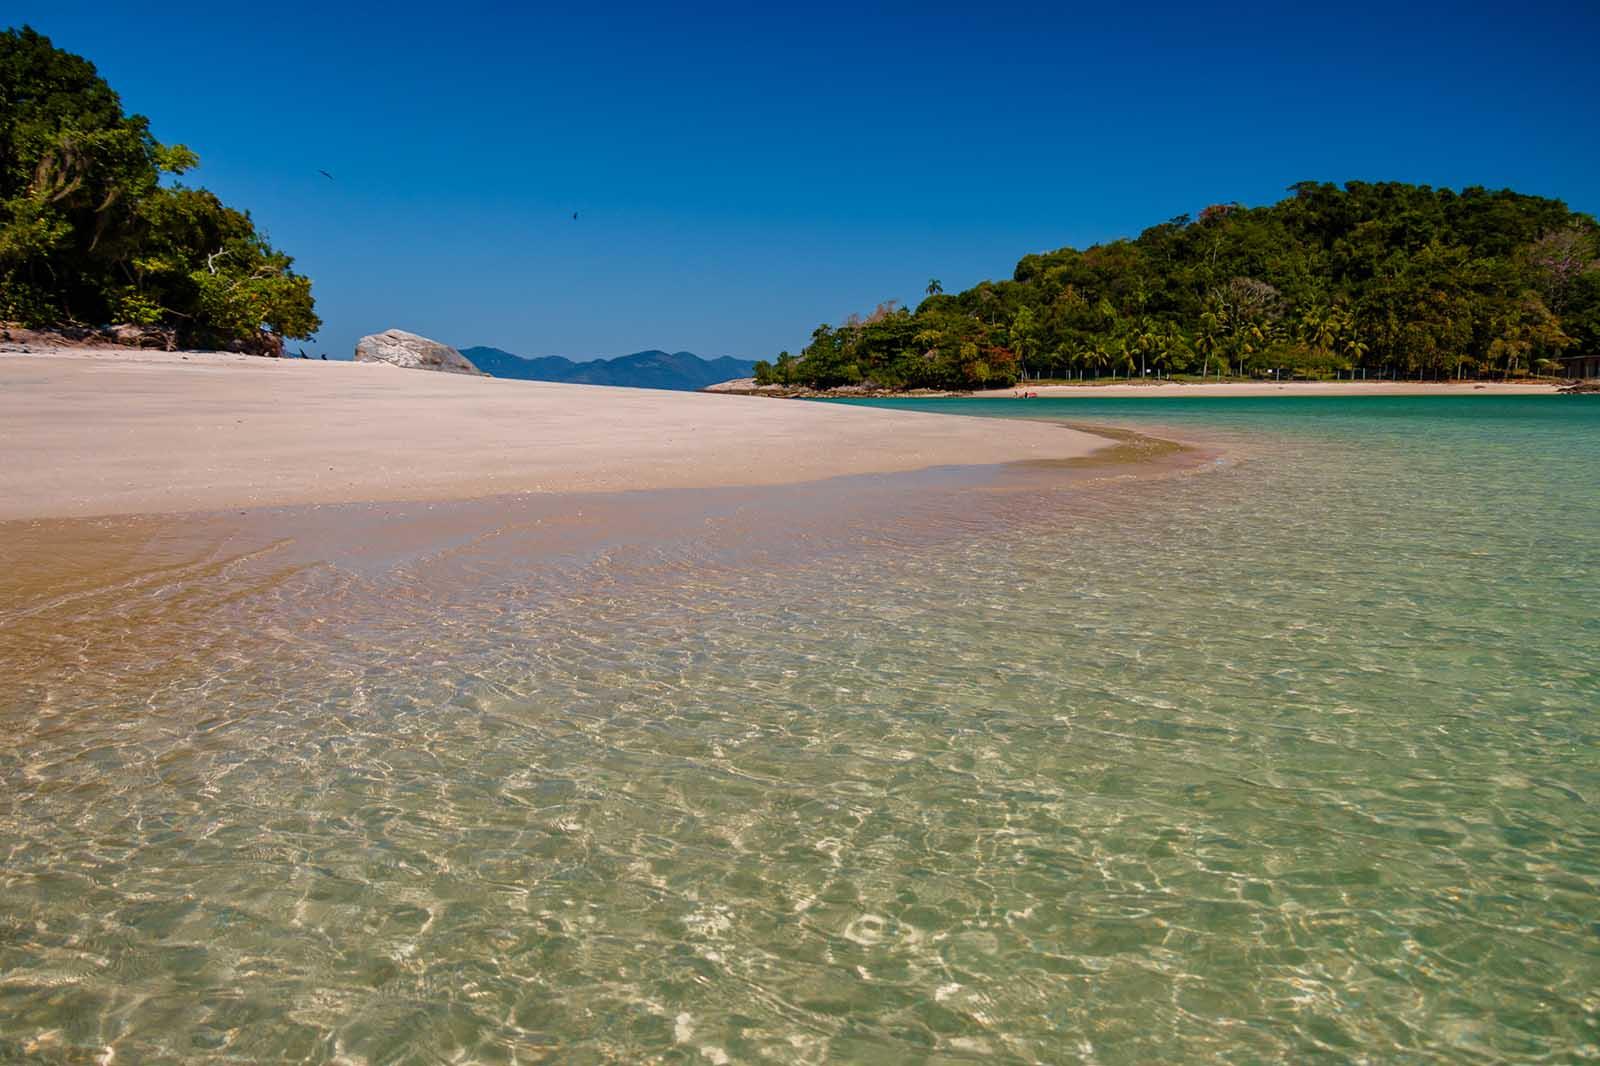 praias-paradisíacas-entre-são-paulo-e-rio-de-janeiro-3